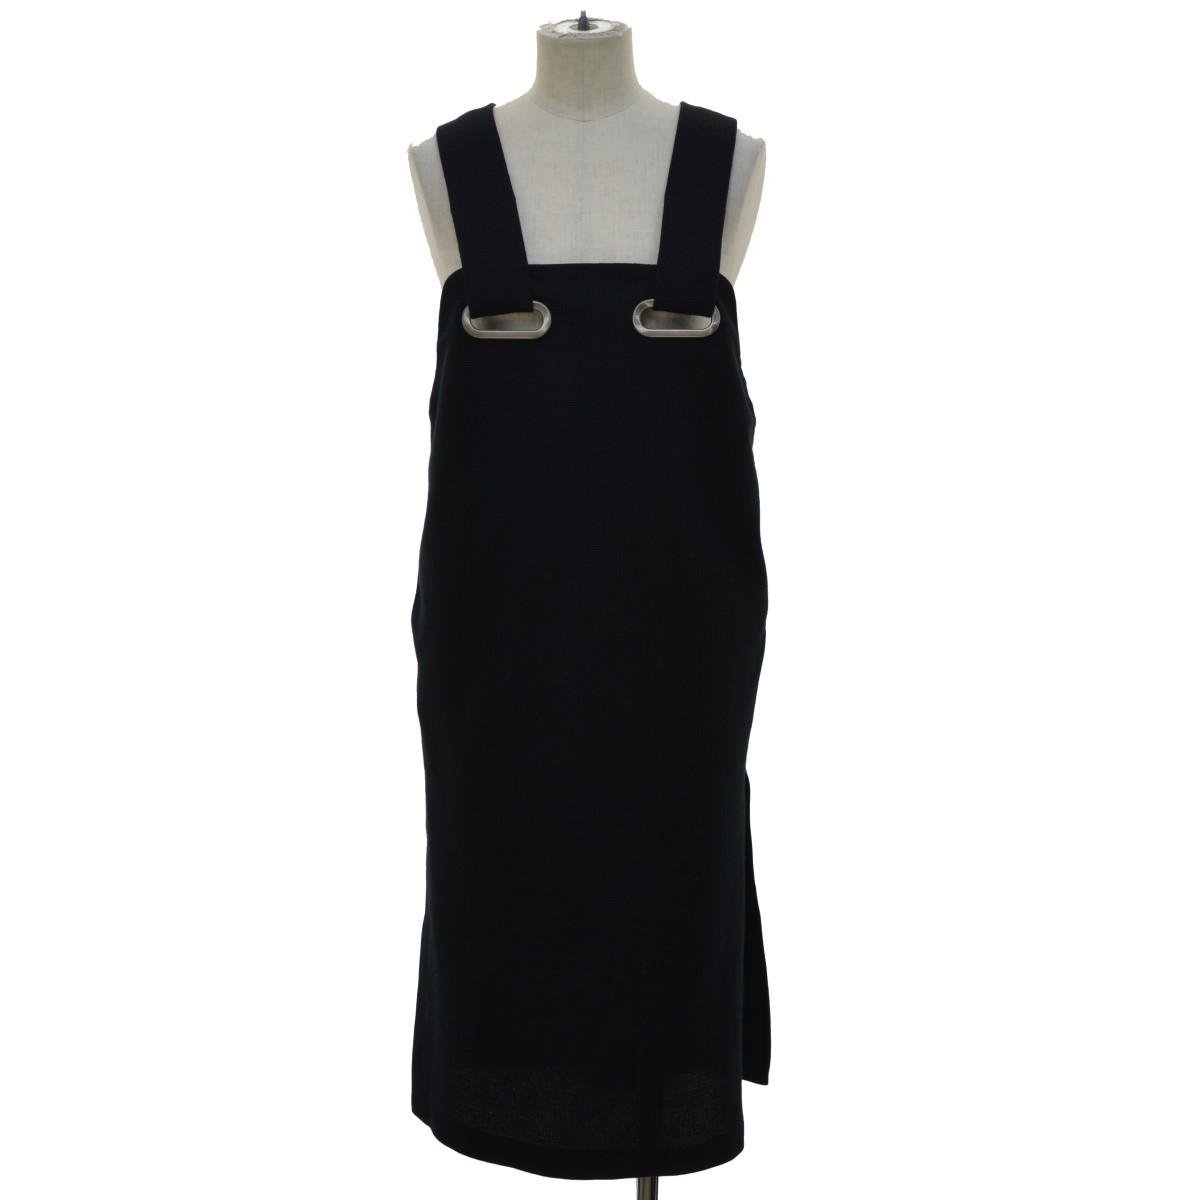 【中古】TOGA PULLA 17SS サイドスリットドレス ブラック サイズ:36 【120420】(トーガ プルラ)